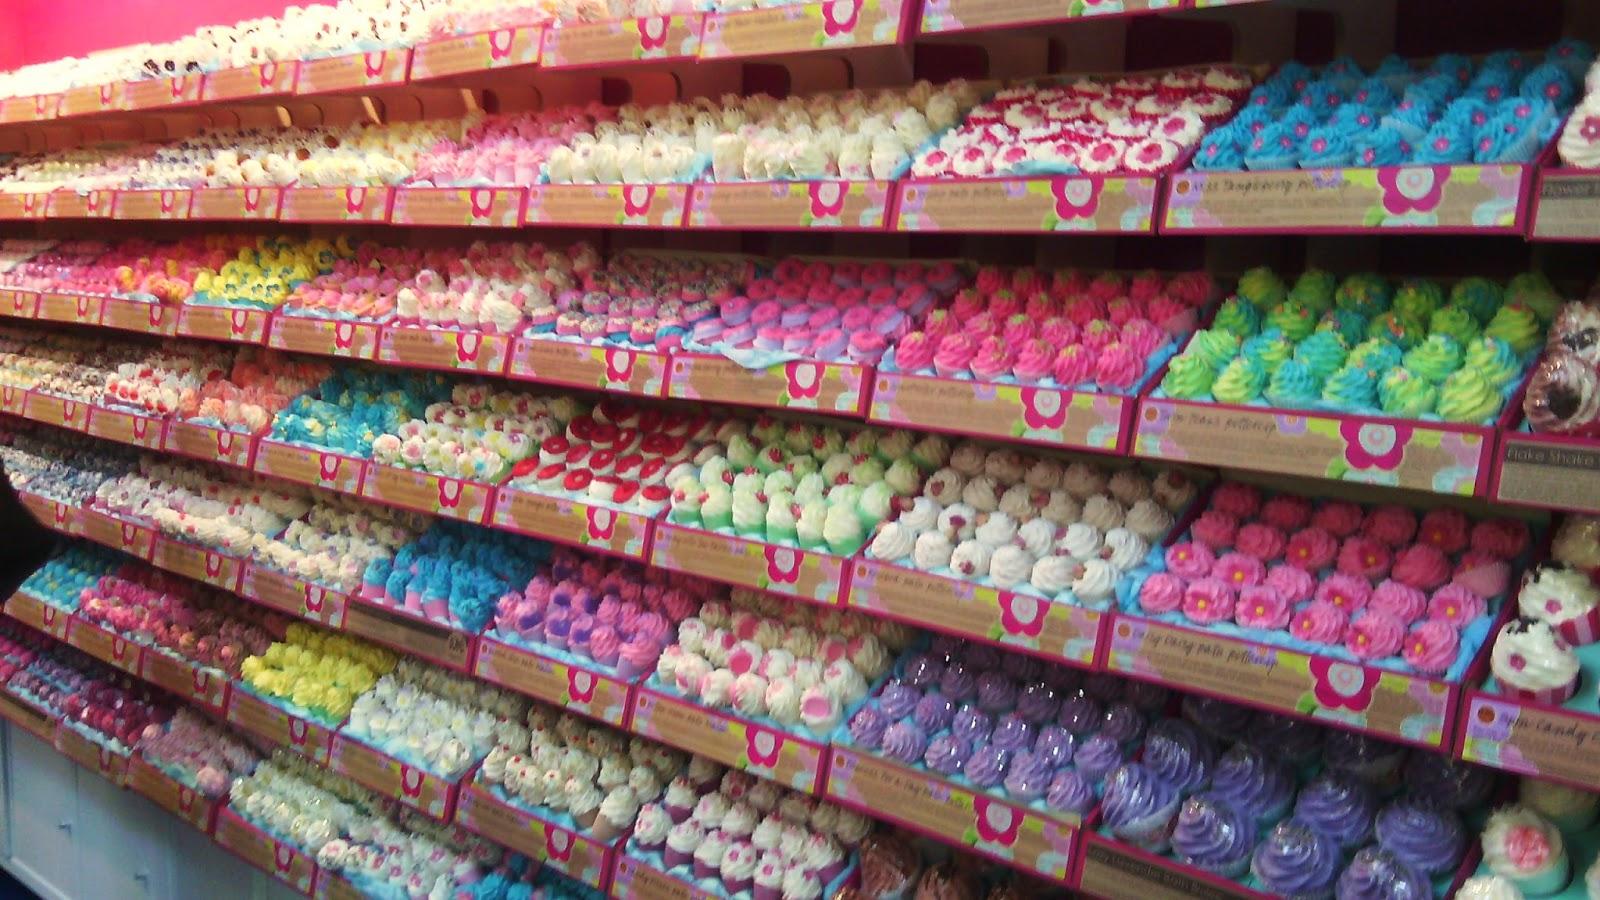 Bombe Effervescenti Per Il Bagno : Esplosione di dolcezza con bomb cosmetics